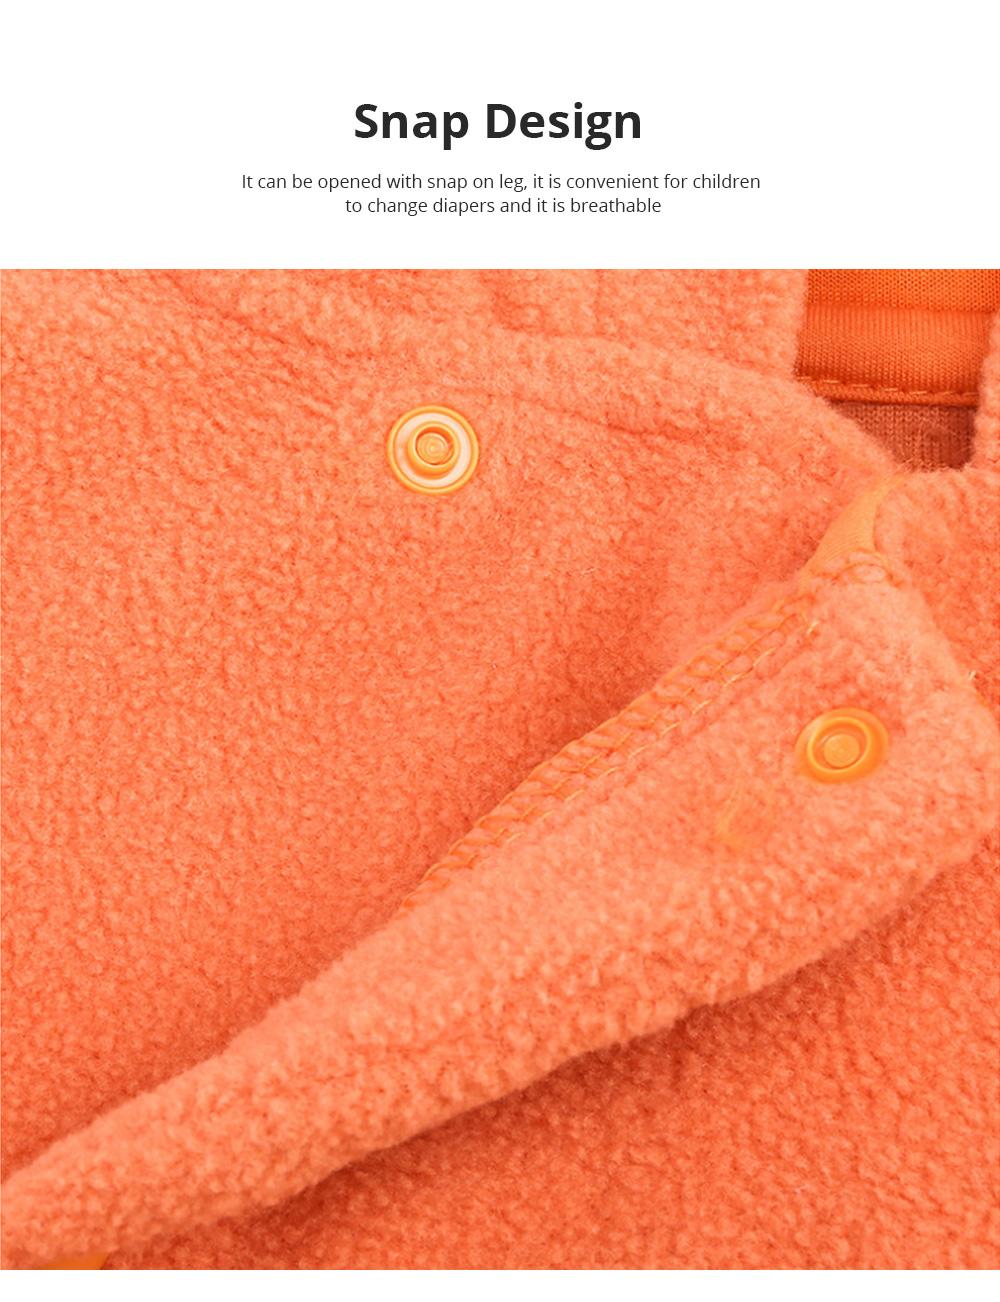 Universal Autumn Winter Halloween Pumpkin Baby Dress Hooded One-Piece Shirt Children's Clothing For Boys Girls 4